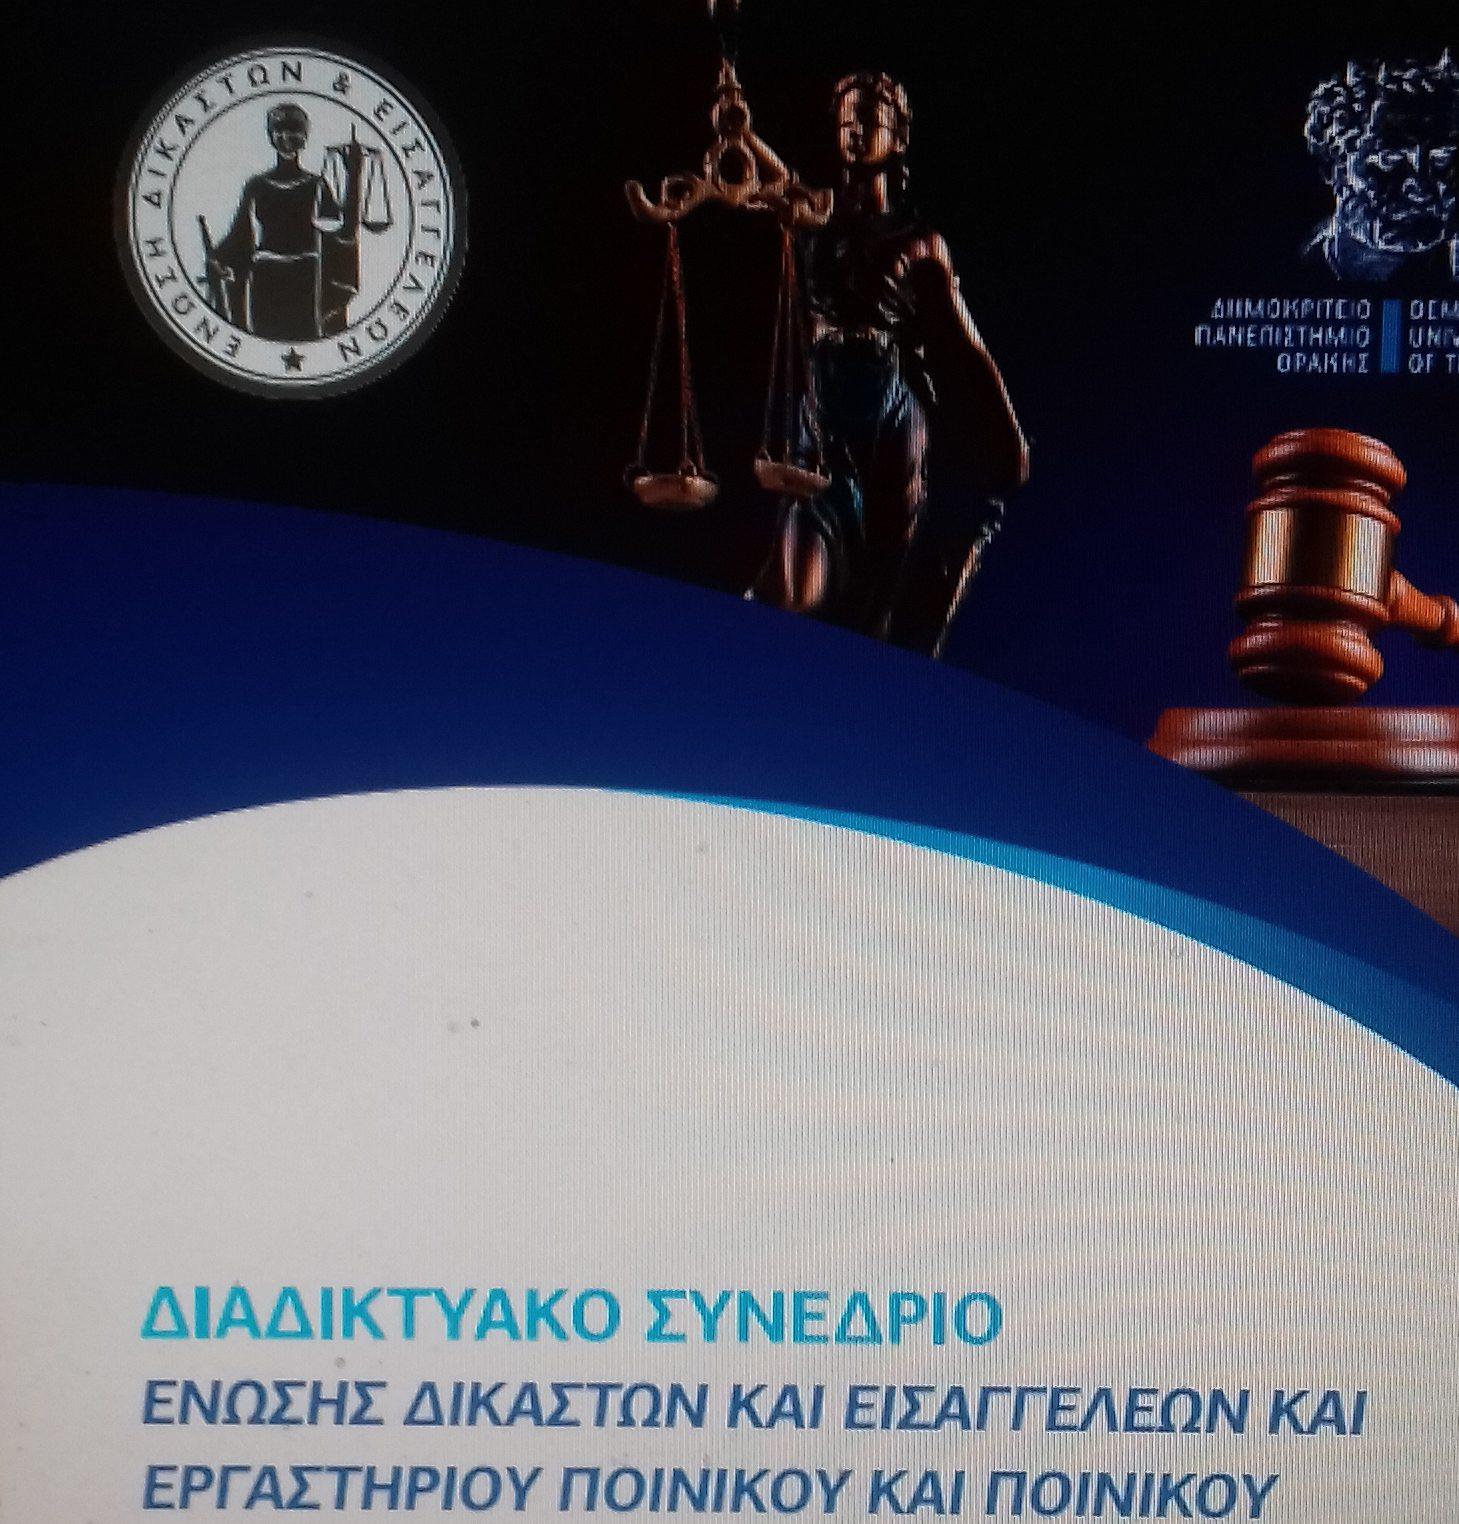 Ένωση Δικαστών Εισαγγελέων και Δημοκρίτειο Πανεπιστήμιο: Συνέδριο για τον νέο Ποινικό Κώδικα – Οι απόψεις για τις αλλαγές– ΒΙΝΤΕΟ